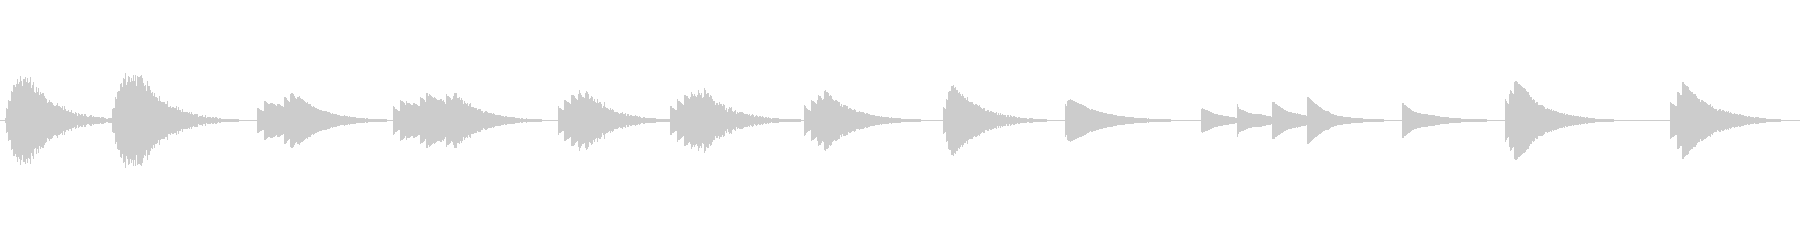 宇宙ショット、レーザー、SCI F...の未再生の波形